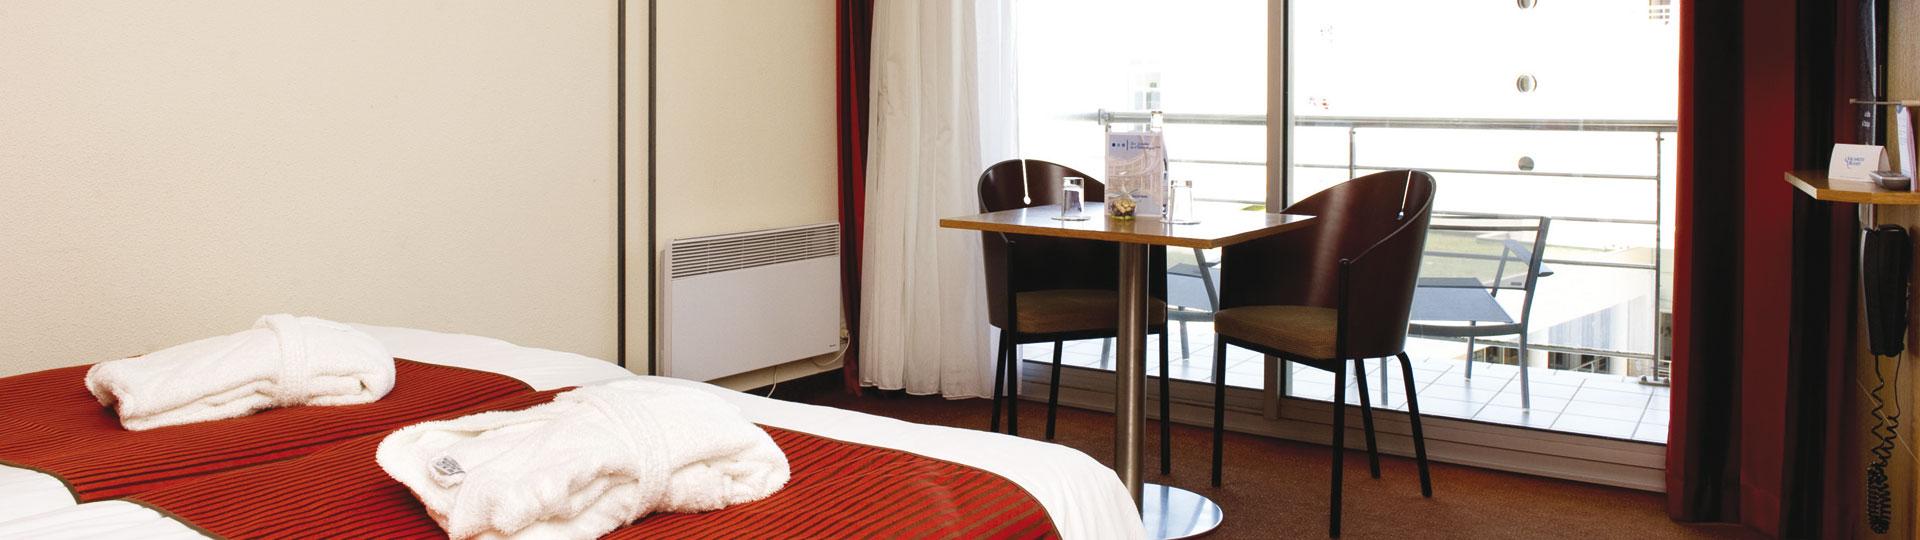 Chambre triple - Hôtel *** Les Jardins de l'Atlantique